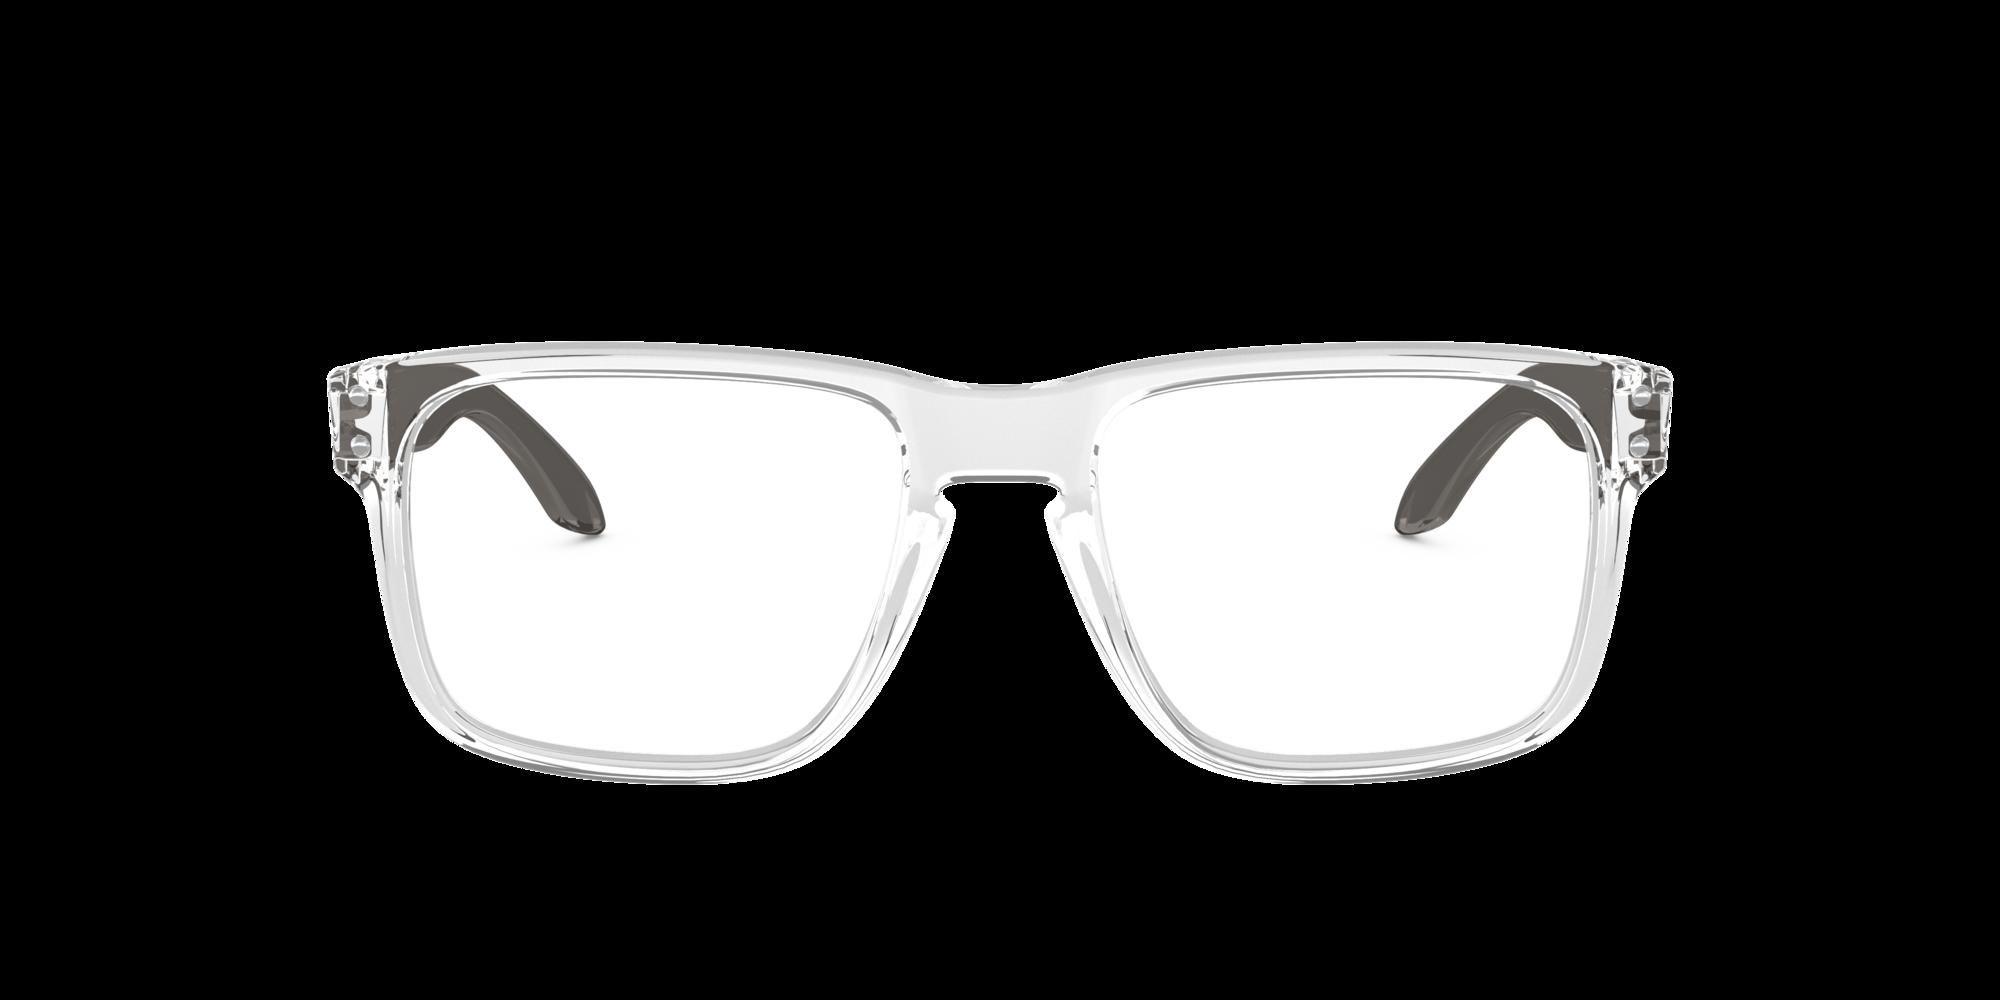 Imagen para OX8156 HOLBROOK RX de LensCrafters    Espejuelos, espejuelos graduados en línea, gafas